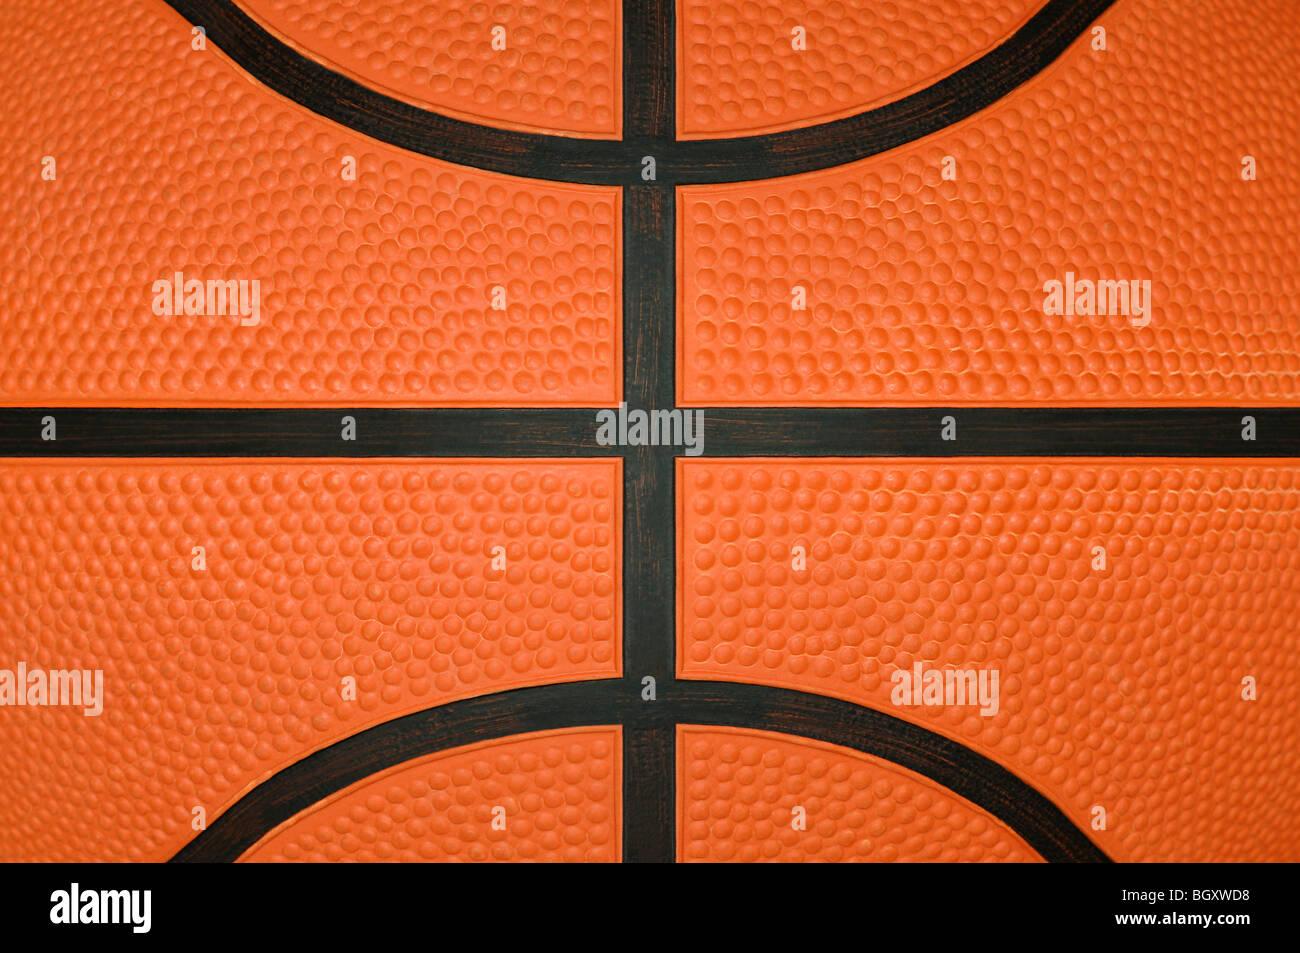 Close-up de basquete Imagens de Stock